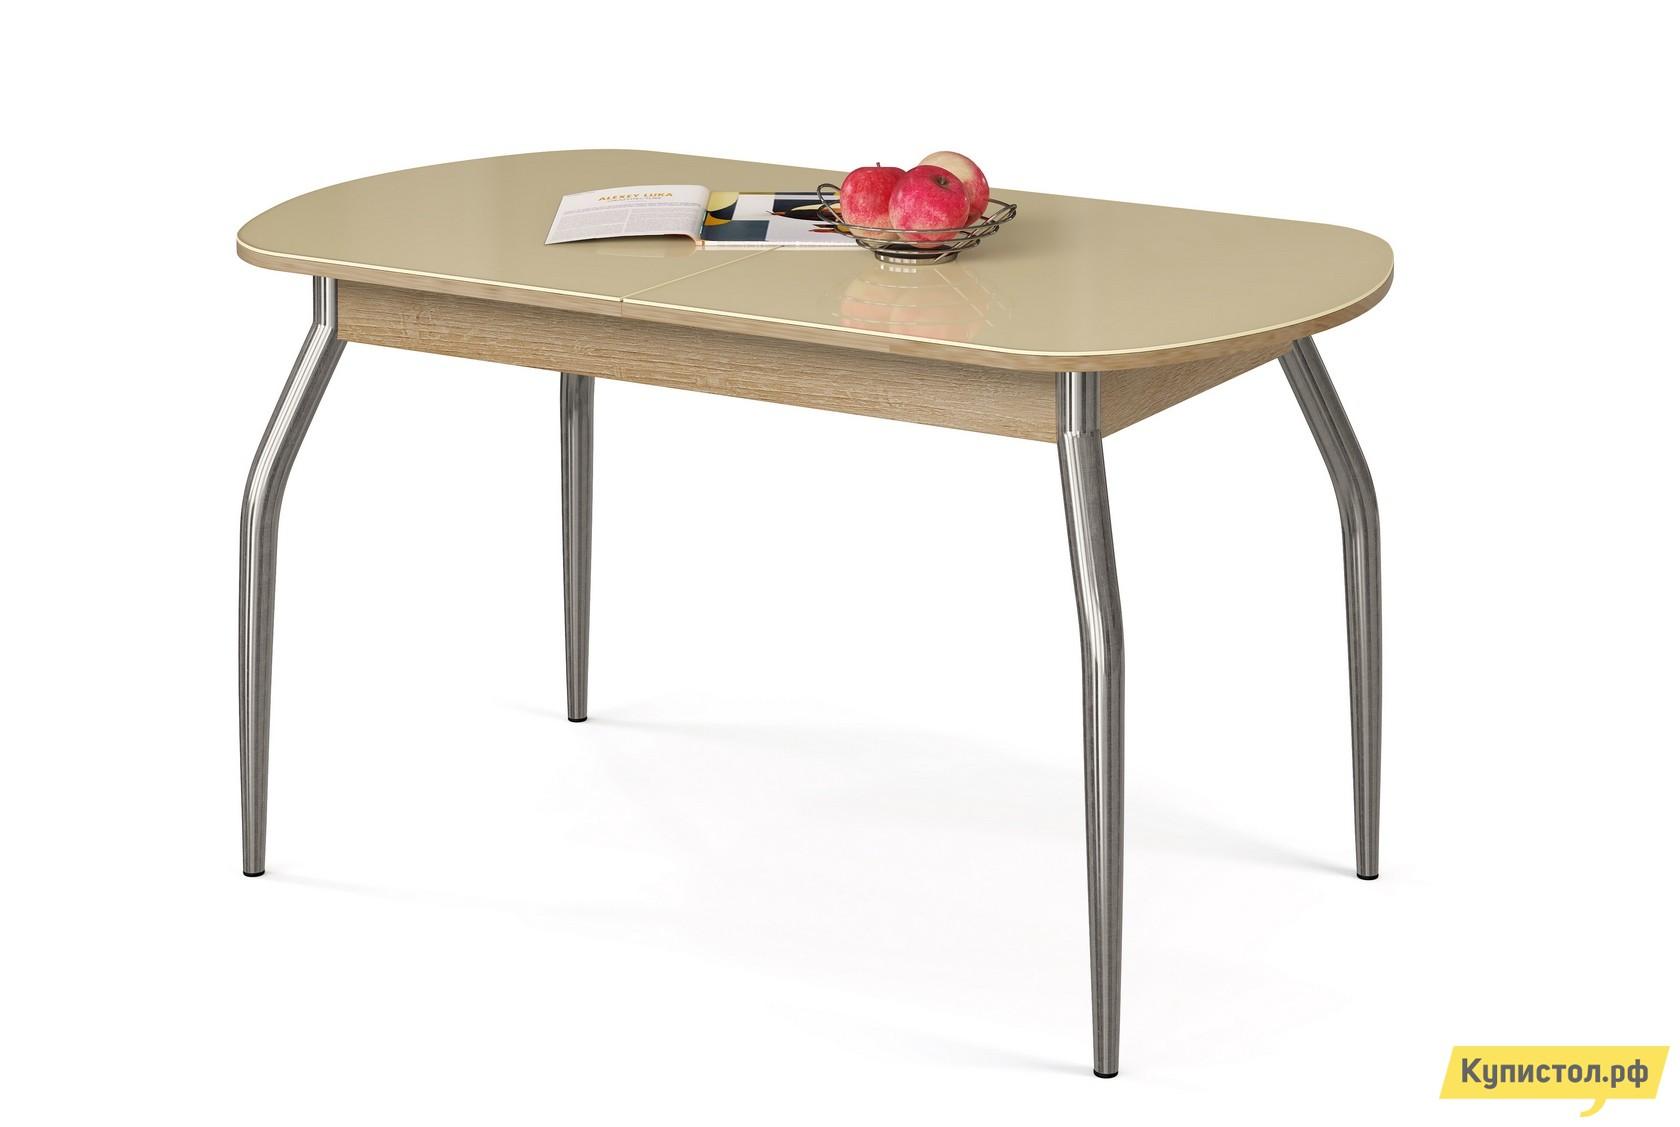 Кухонный стол МегаЭлатон Сиена Мини-Стекло Бежевый